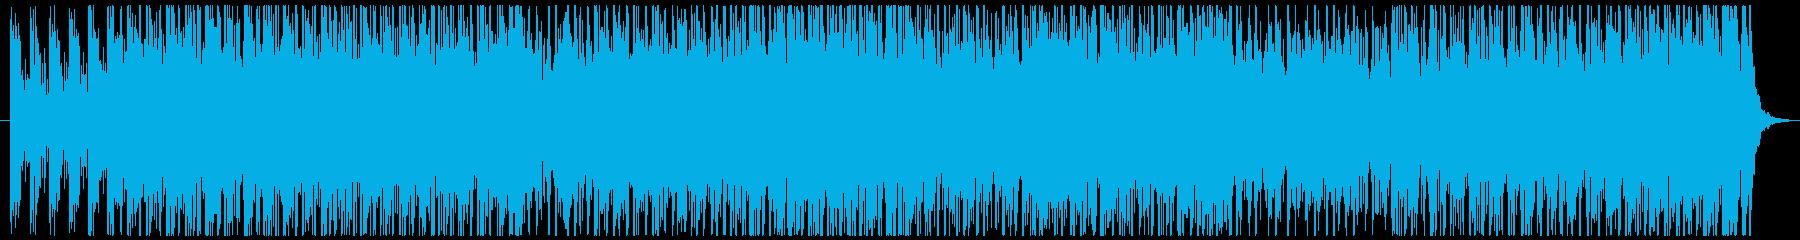 軽快なリズムと効果音で疾走感のあるテクノの再生済みの波形